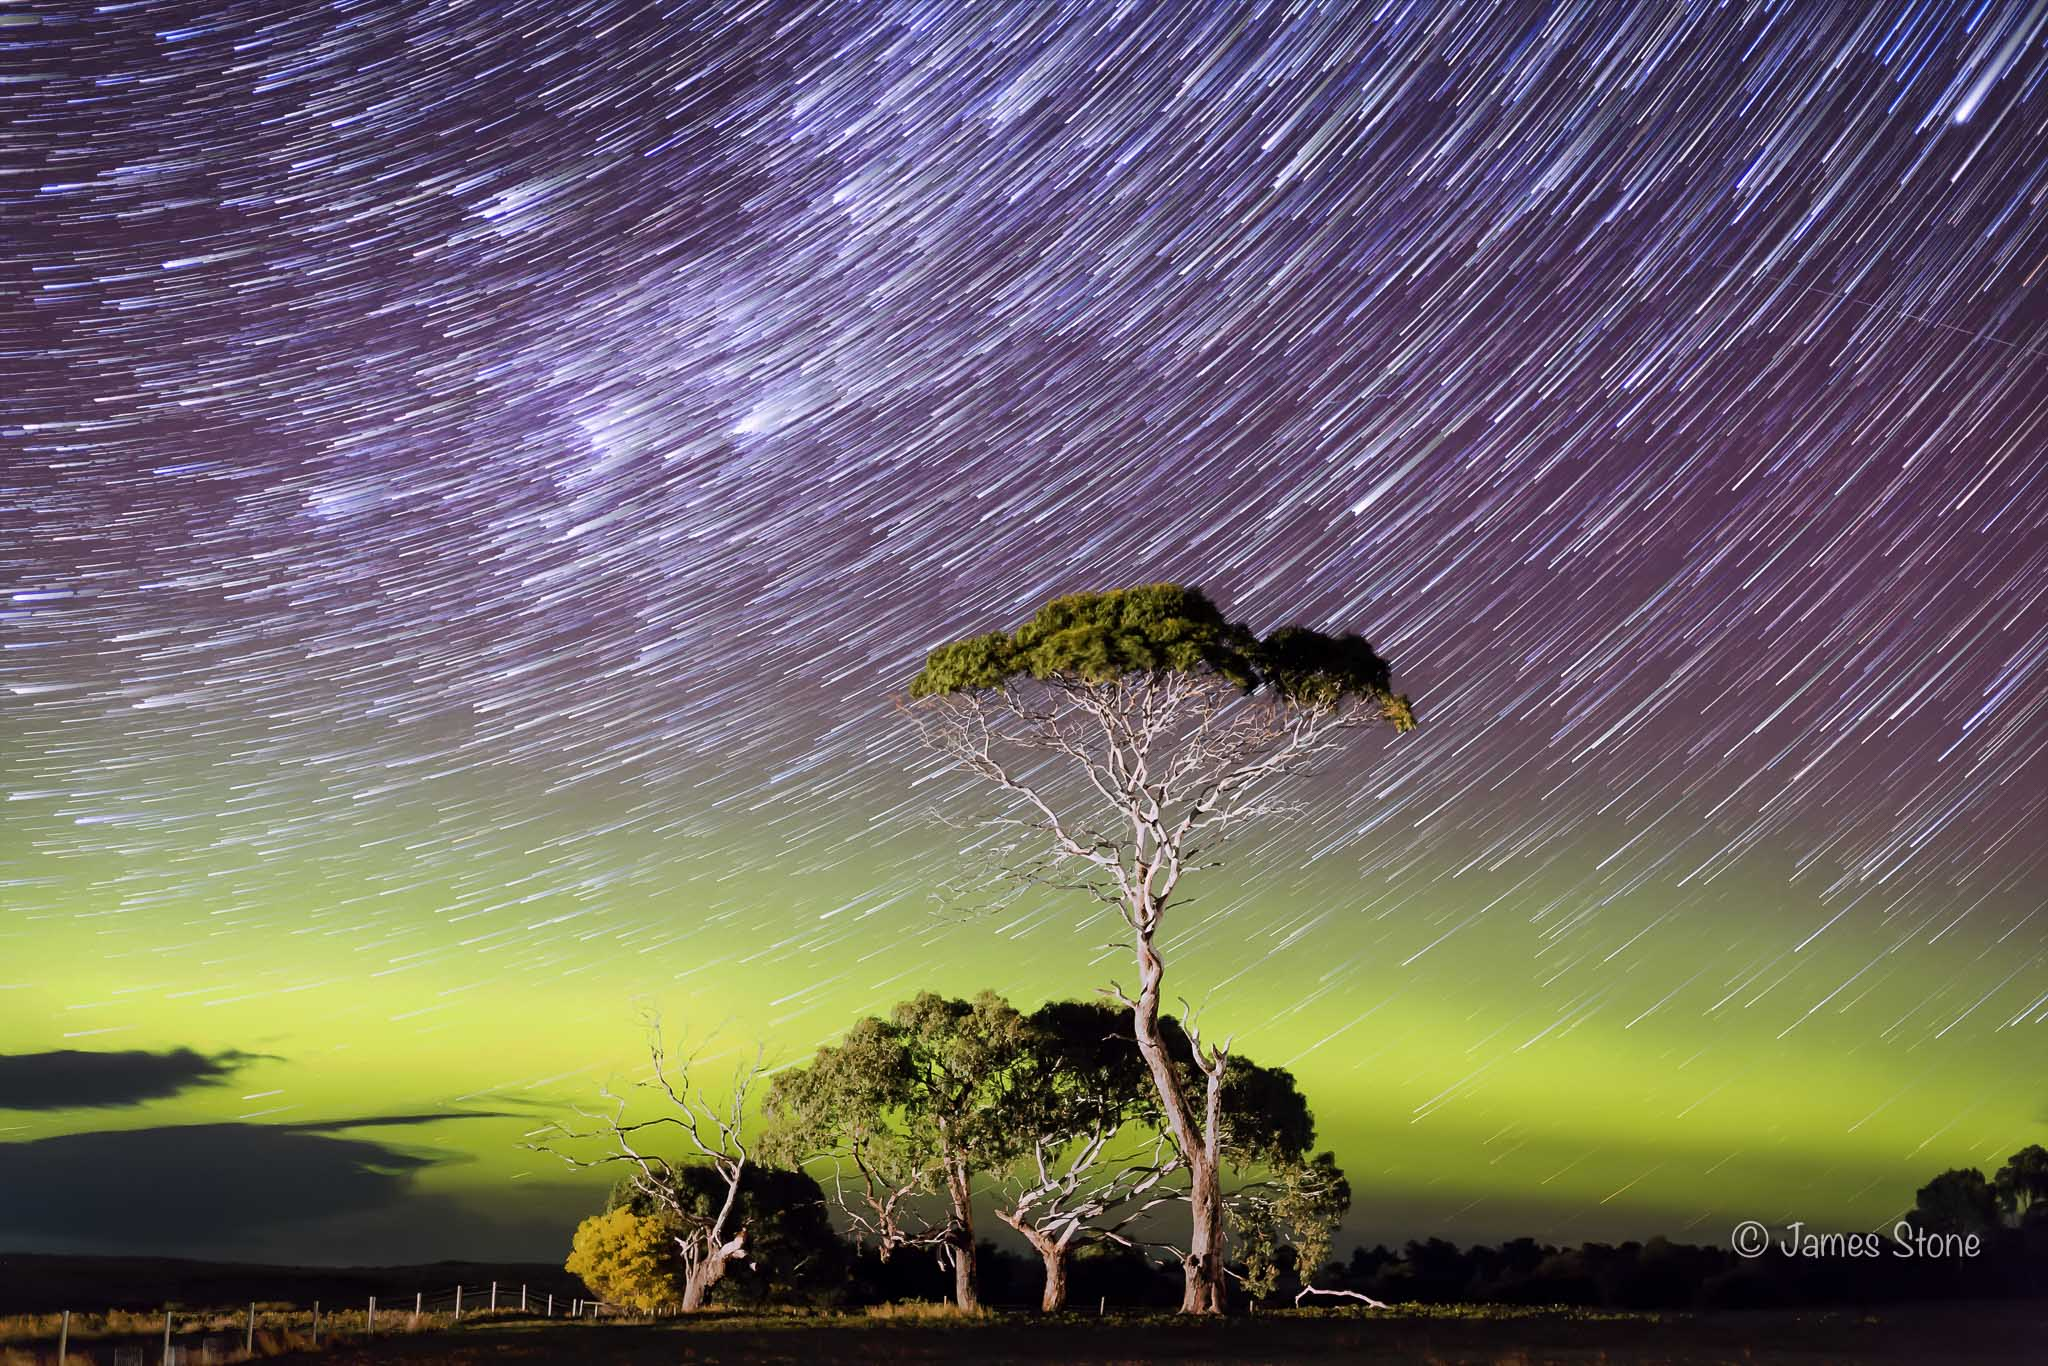 Aurora over Gum Trees